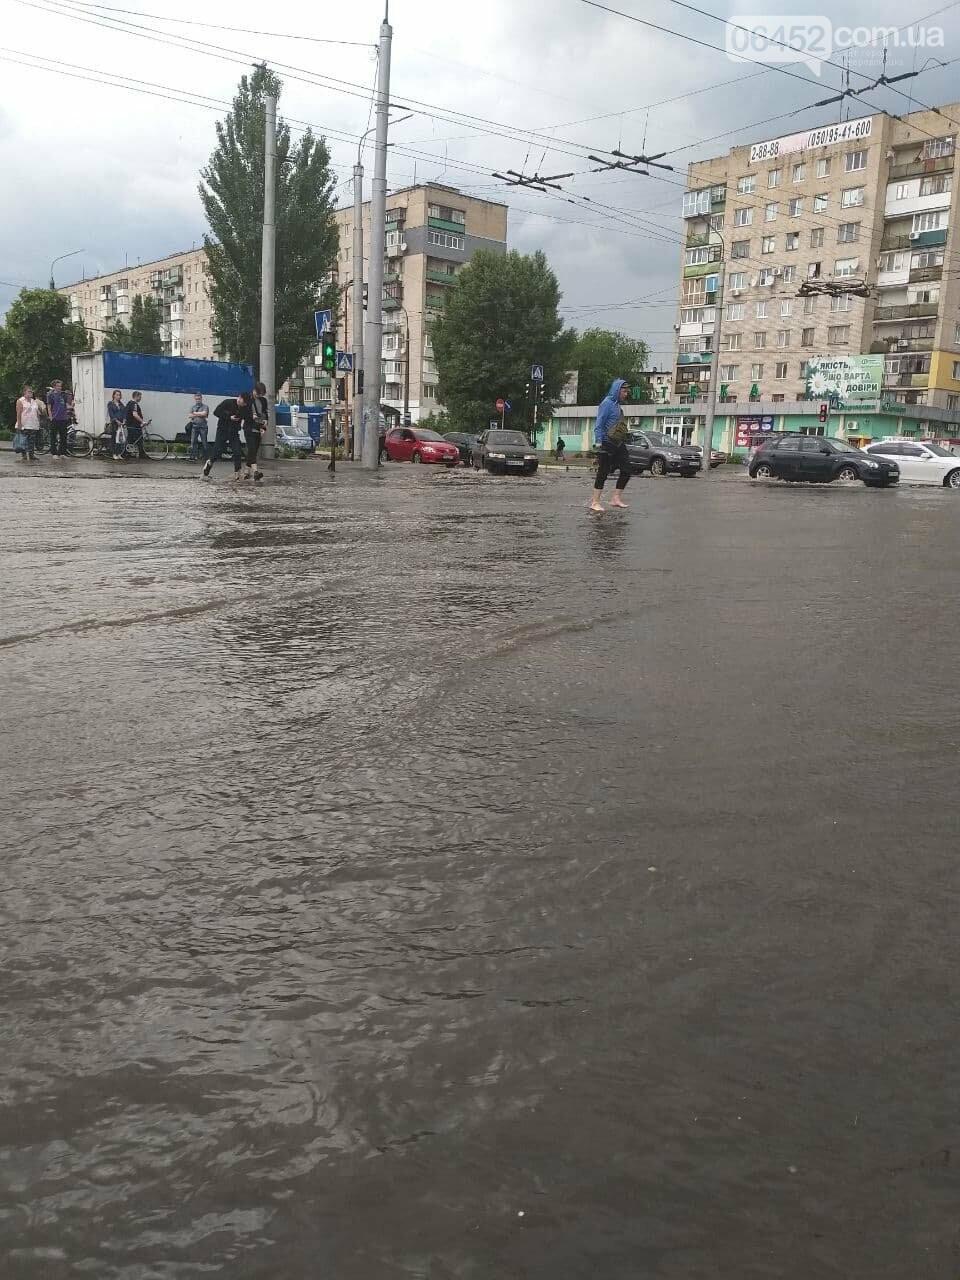 После дождика в четверг: мощный ливень обрушился на Северодонецк и оставил массу проблем, фото-6